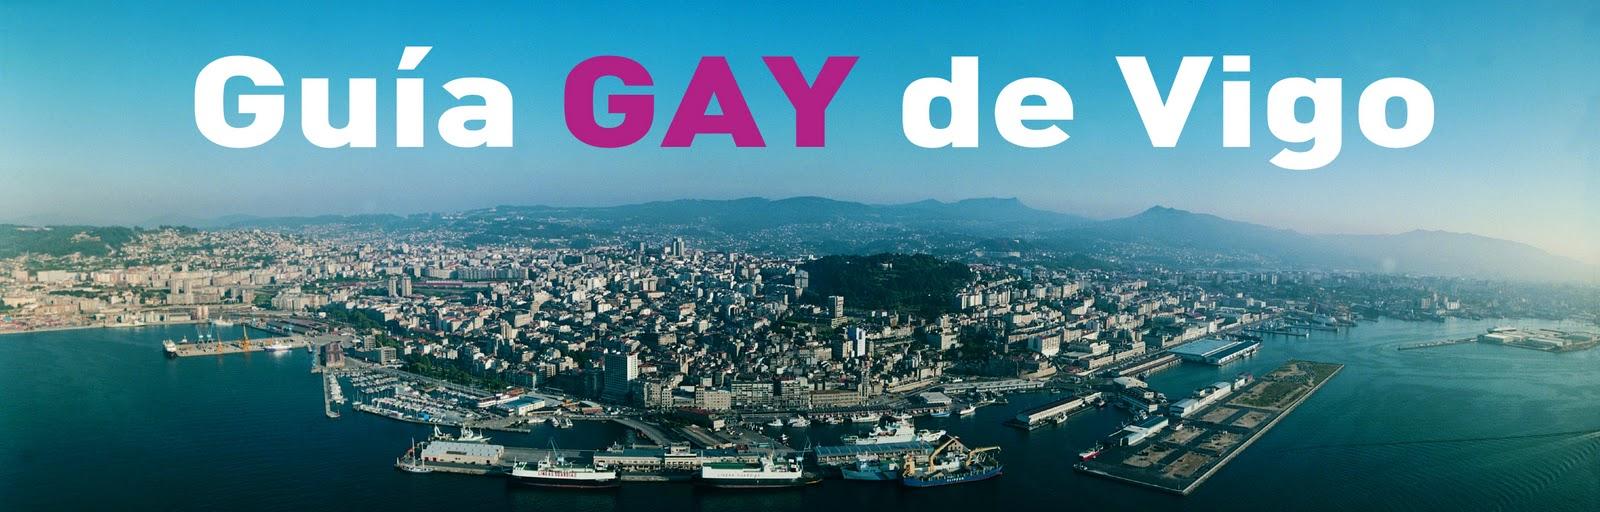 Lugares De Ambiente Gay En Vigo